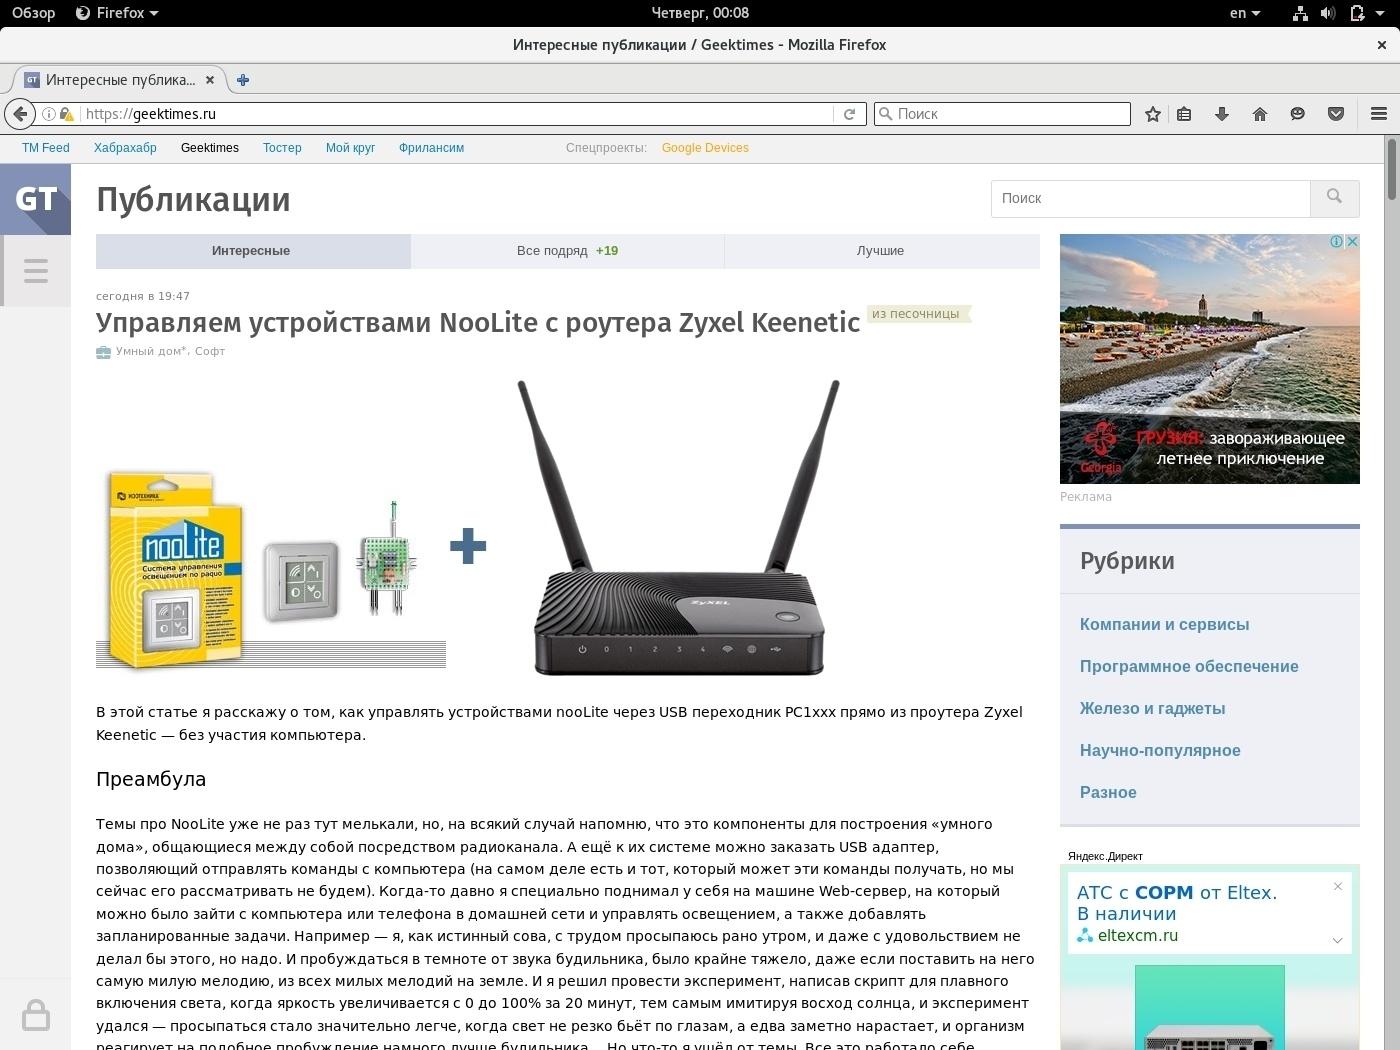 Эксперименты над ноутбуком iRU Brava-4215COMBO, выпущенным в 2004 году (Часть 2) - 16